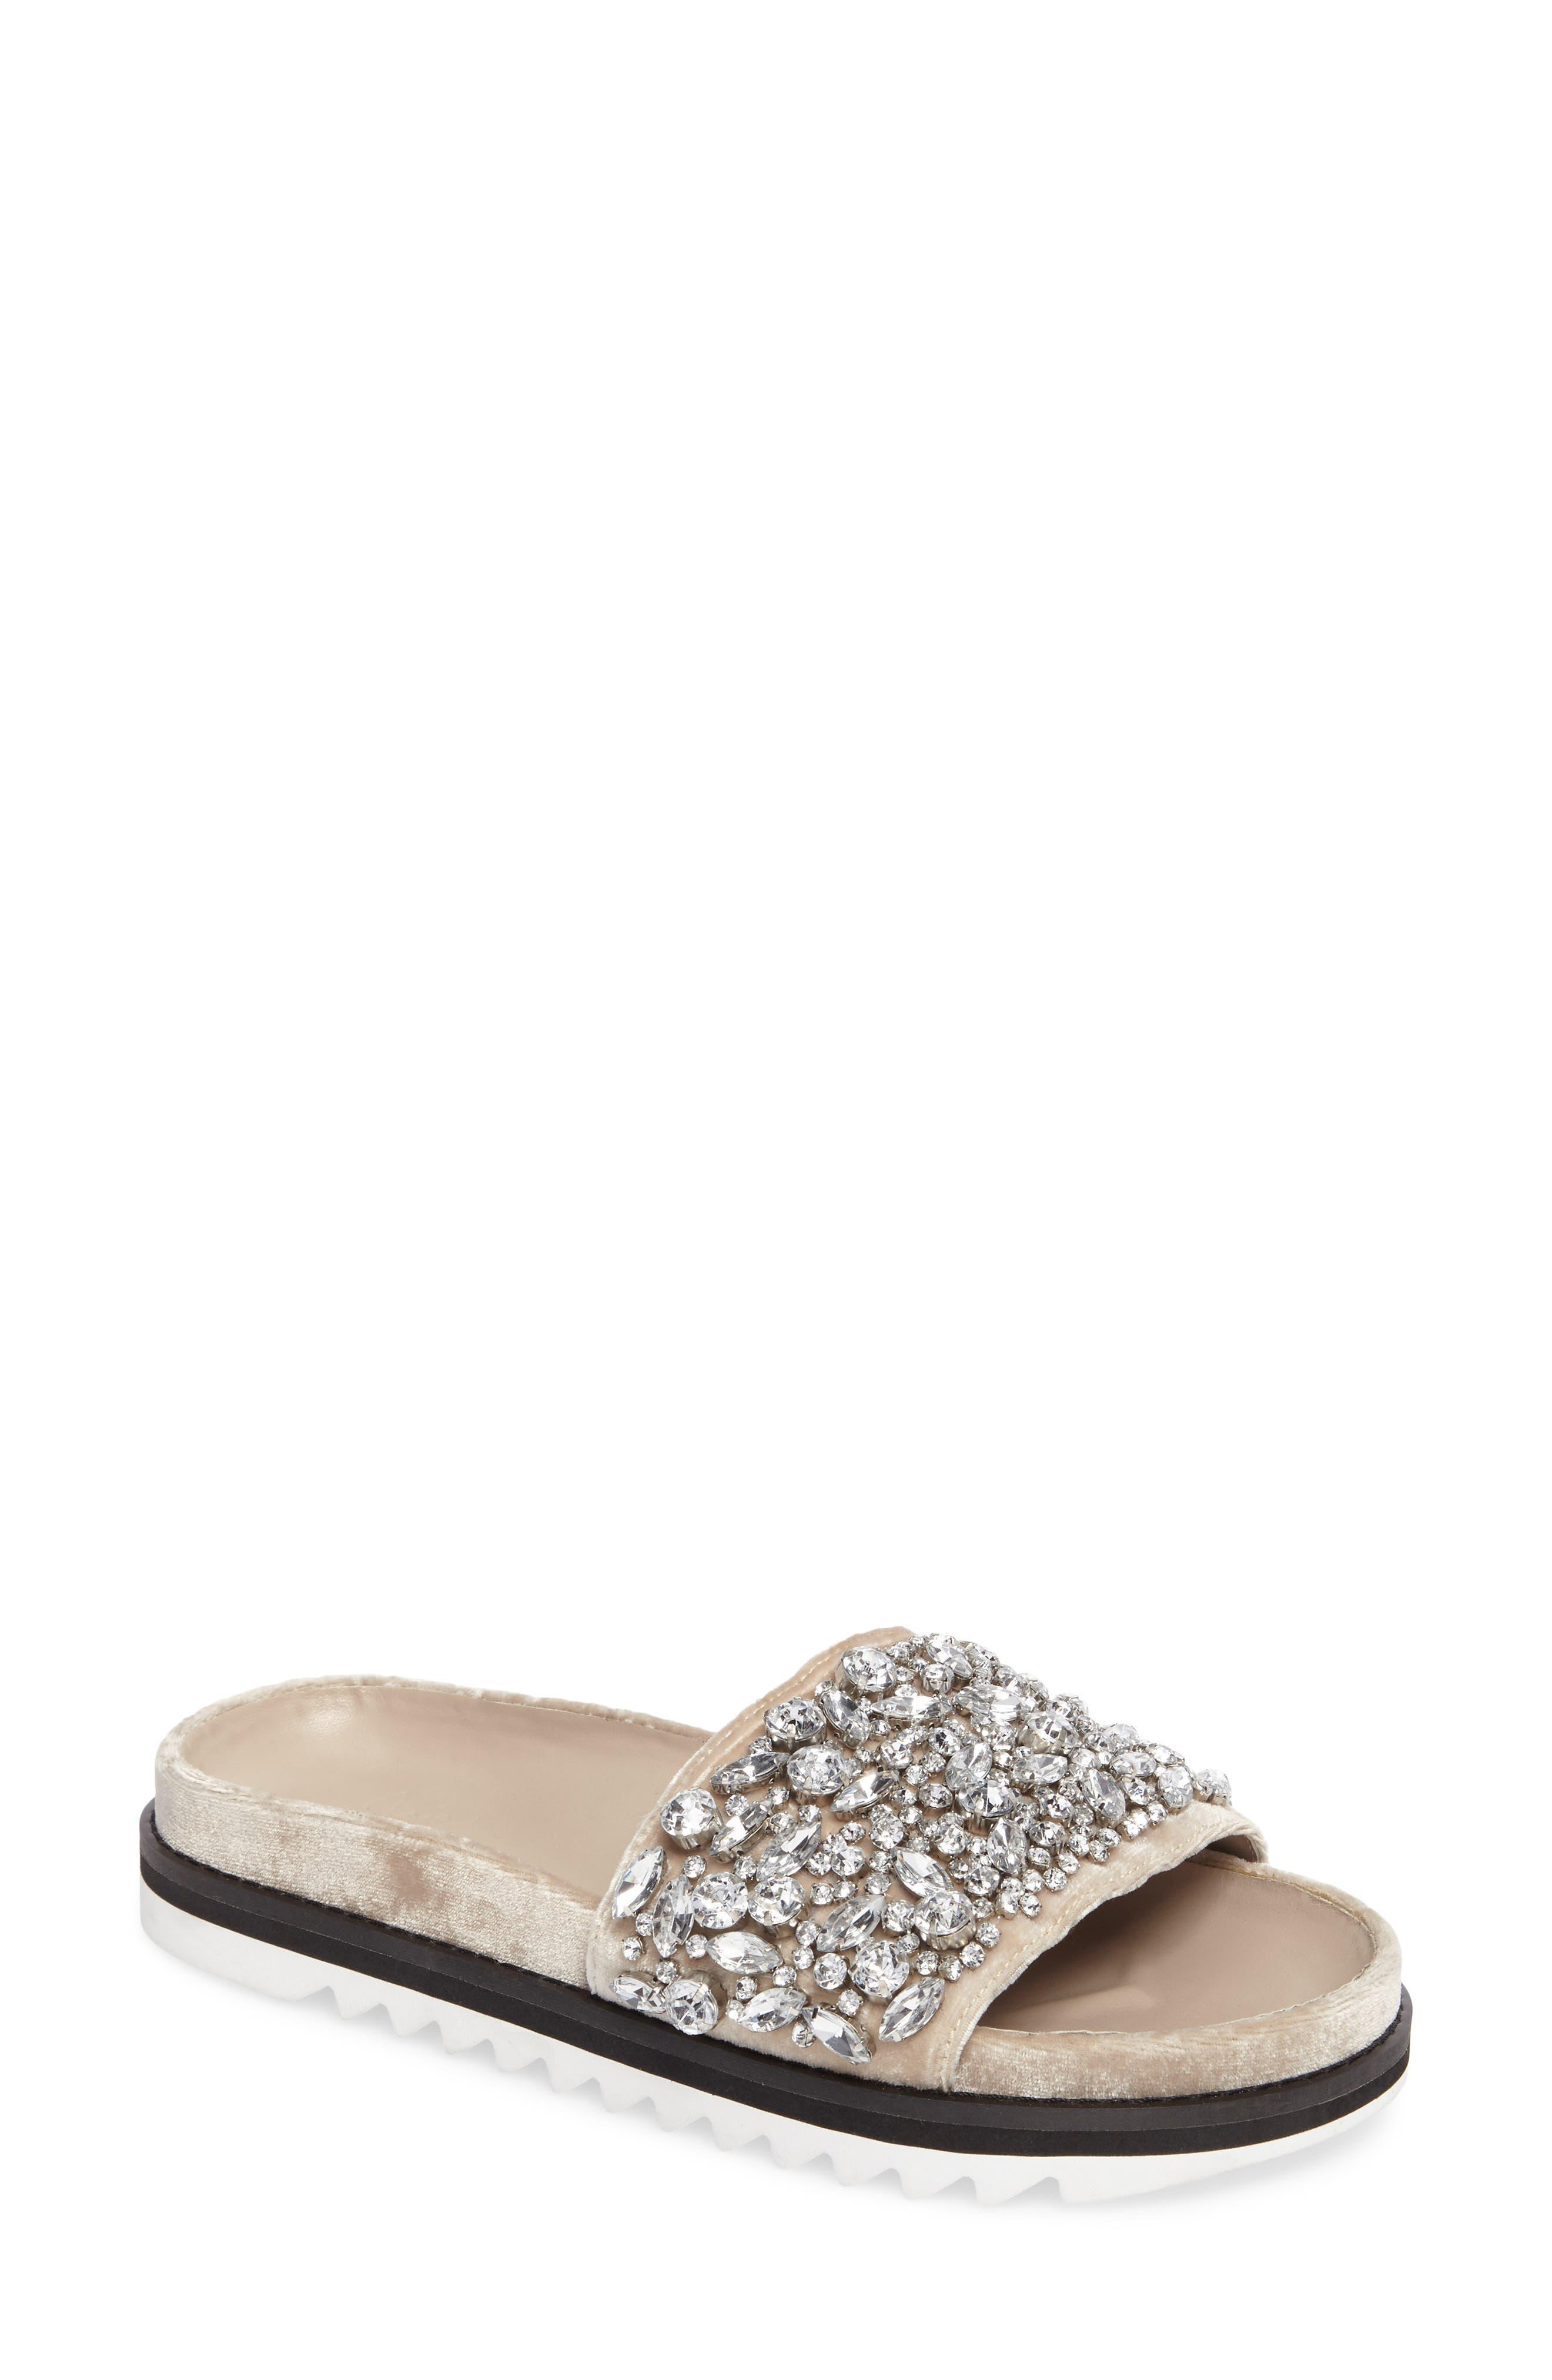 Jacory Crystal Embellished Slide Sandal,                         Main,                         color, Fog